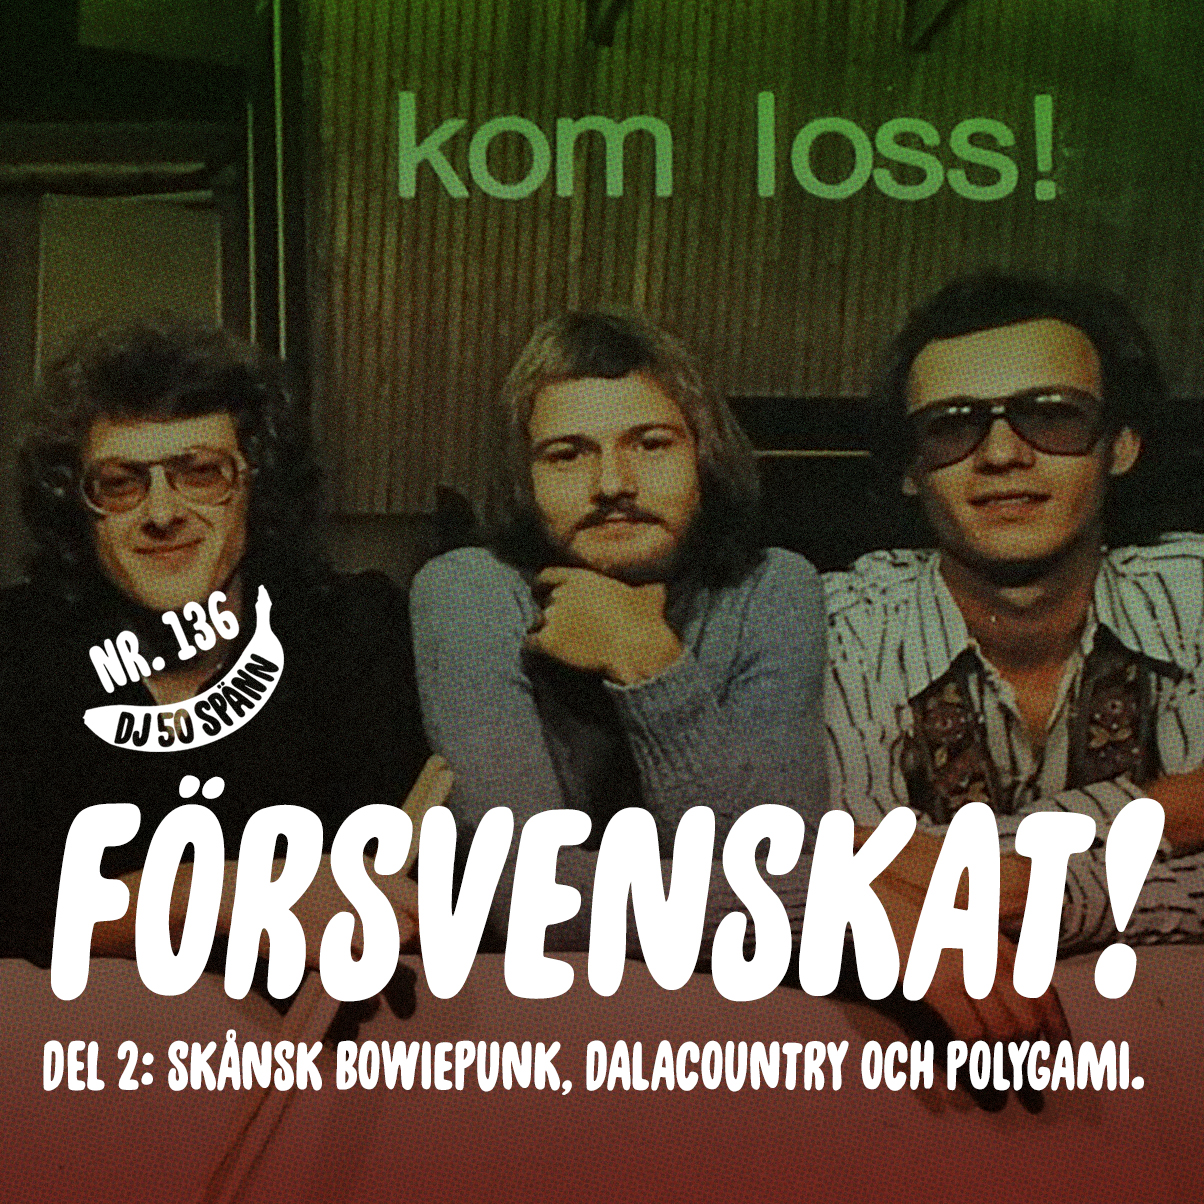 FÖRSVENSKAT! med Martin Alarik och DJ50:- (del 2)